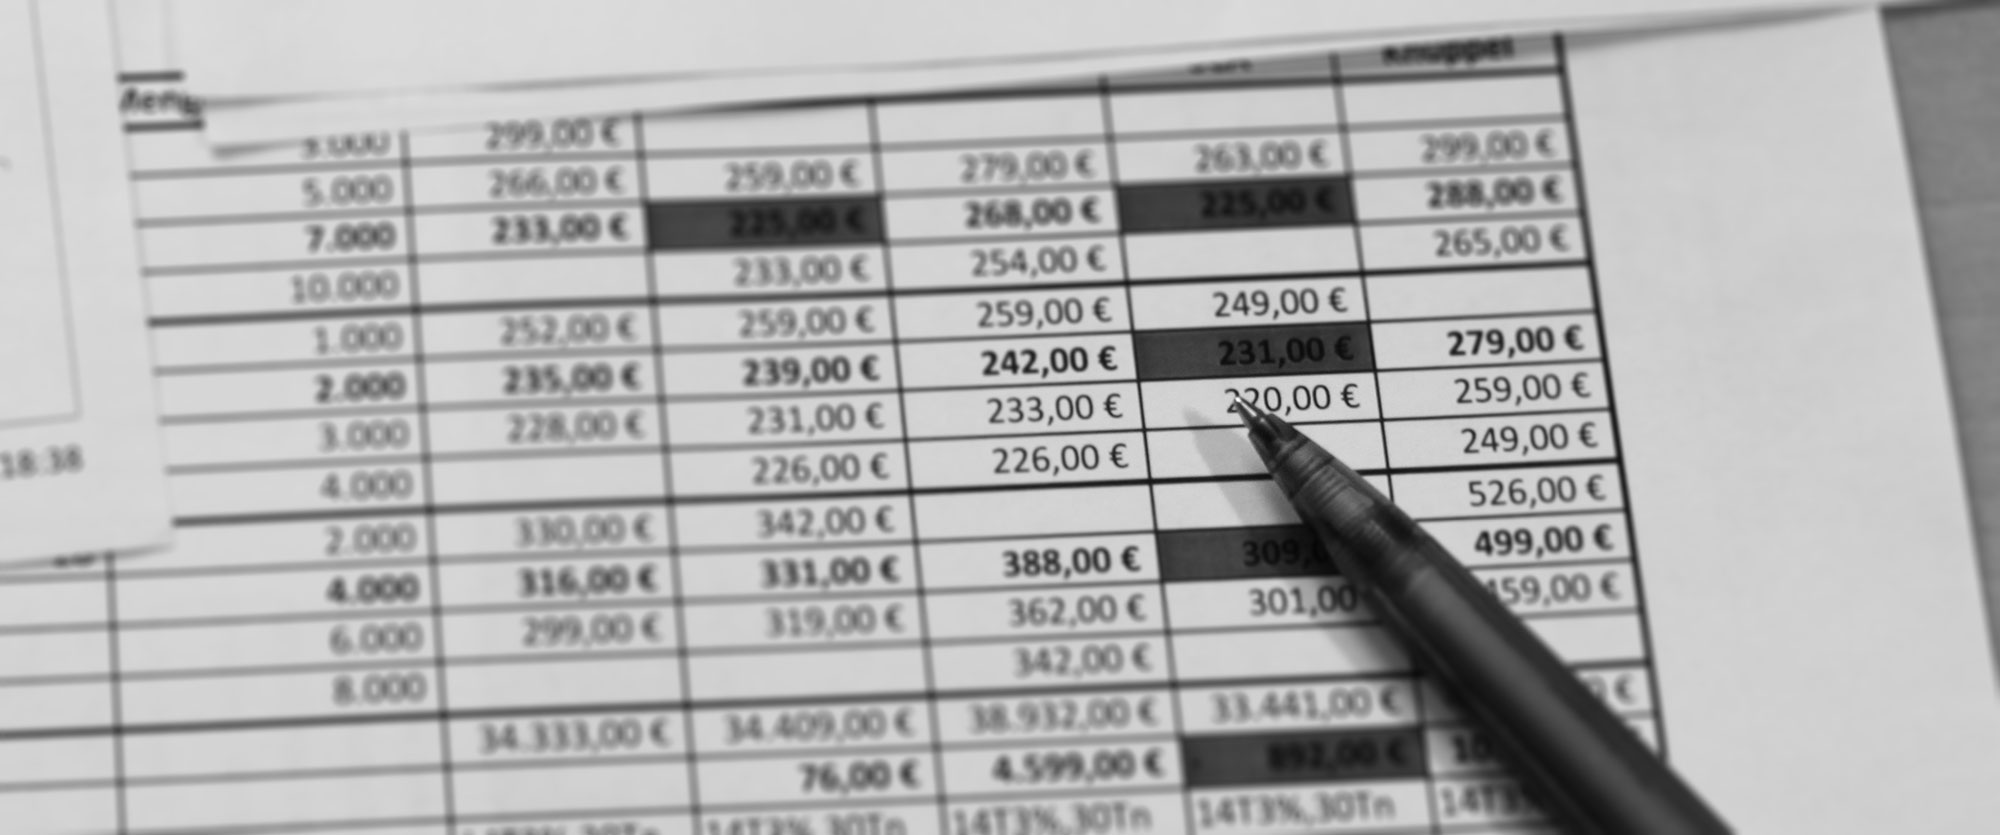 Ausgedruckte Excel-Tabelle mit Preisen in Euro